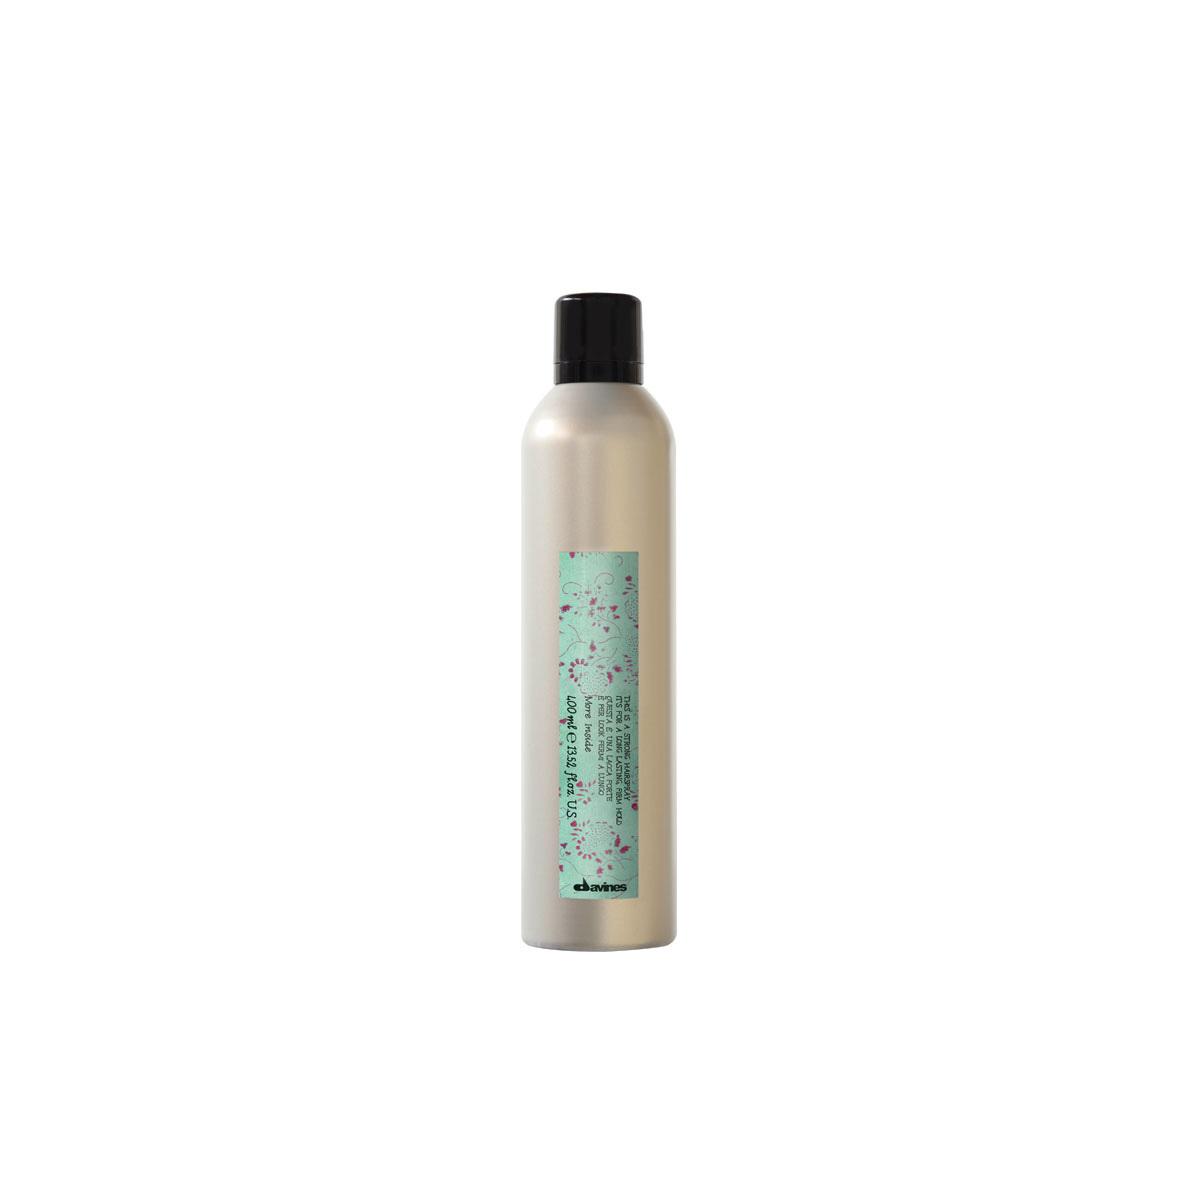 Davines This is a Strong Hairspray 342 g | Spray Fijación Fuerte 87070